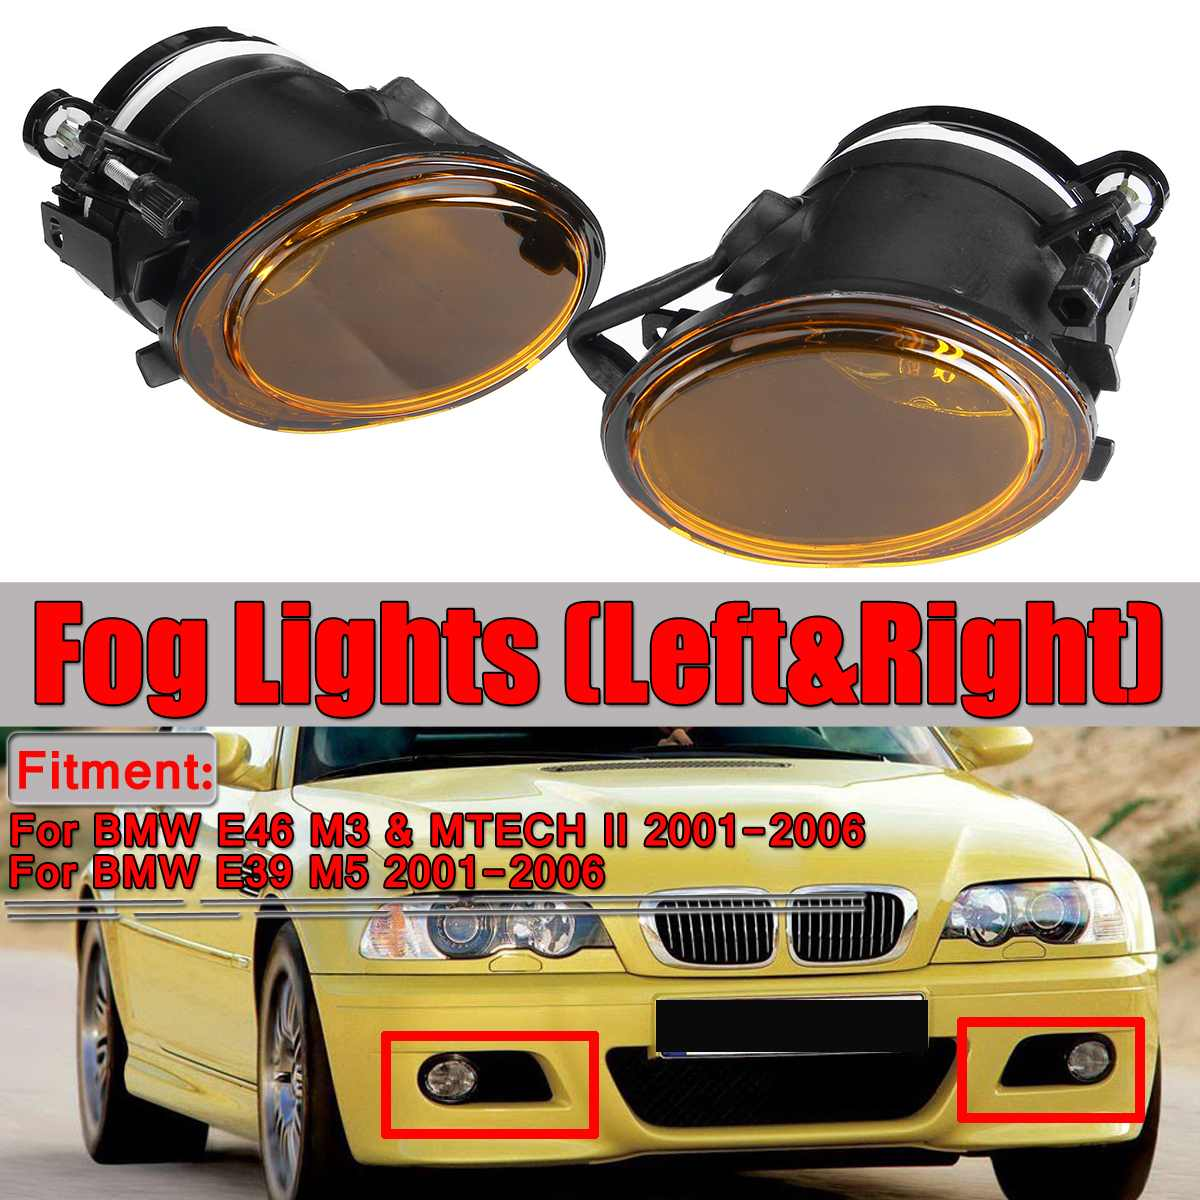 Une paire ambre E46 E39 ensemble d'antibrouillard avant de voiture pour BMW E46 M3 & MTECH II & E39 M5 2001-2006 pas d'ampoules boîtier de phare antibrouillard